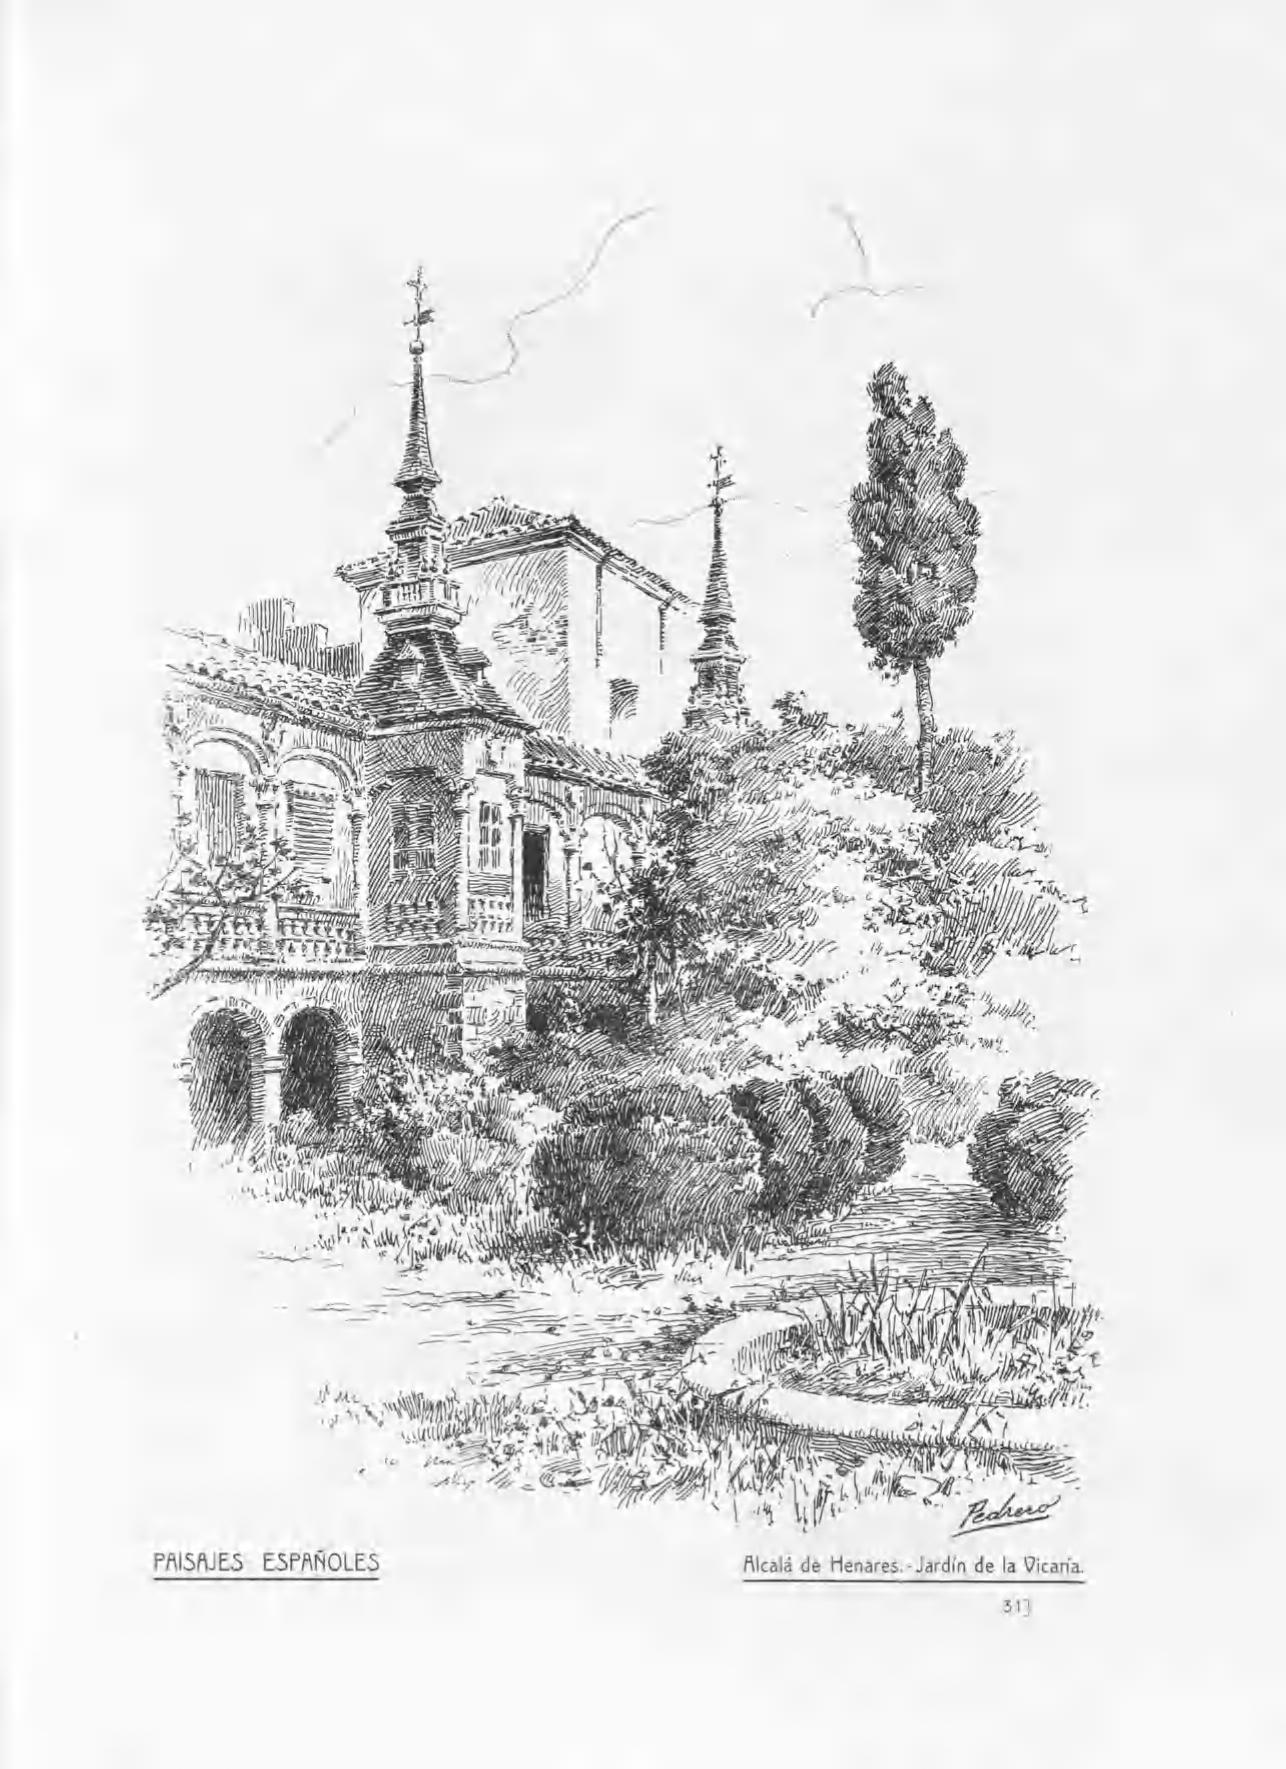 Un dibujo de 1913 del Jardín de la Vicaría, Alcalá de Henares